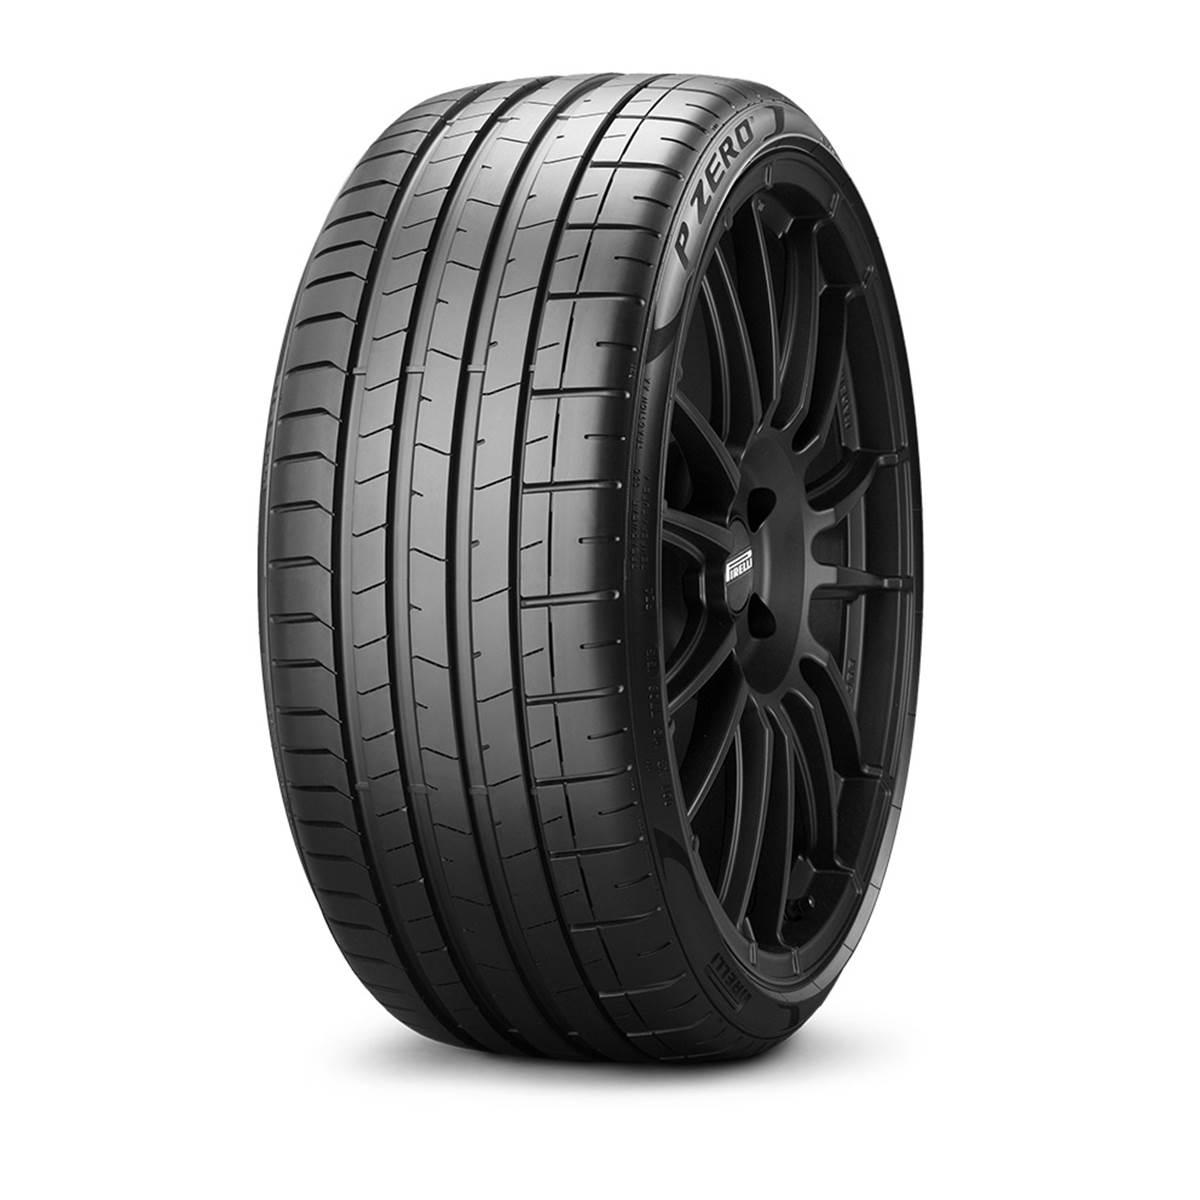 Pneu Pirelli 245/45R18 100Y Pzero XL